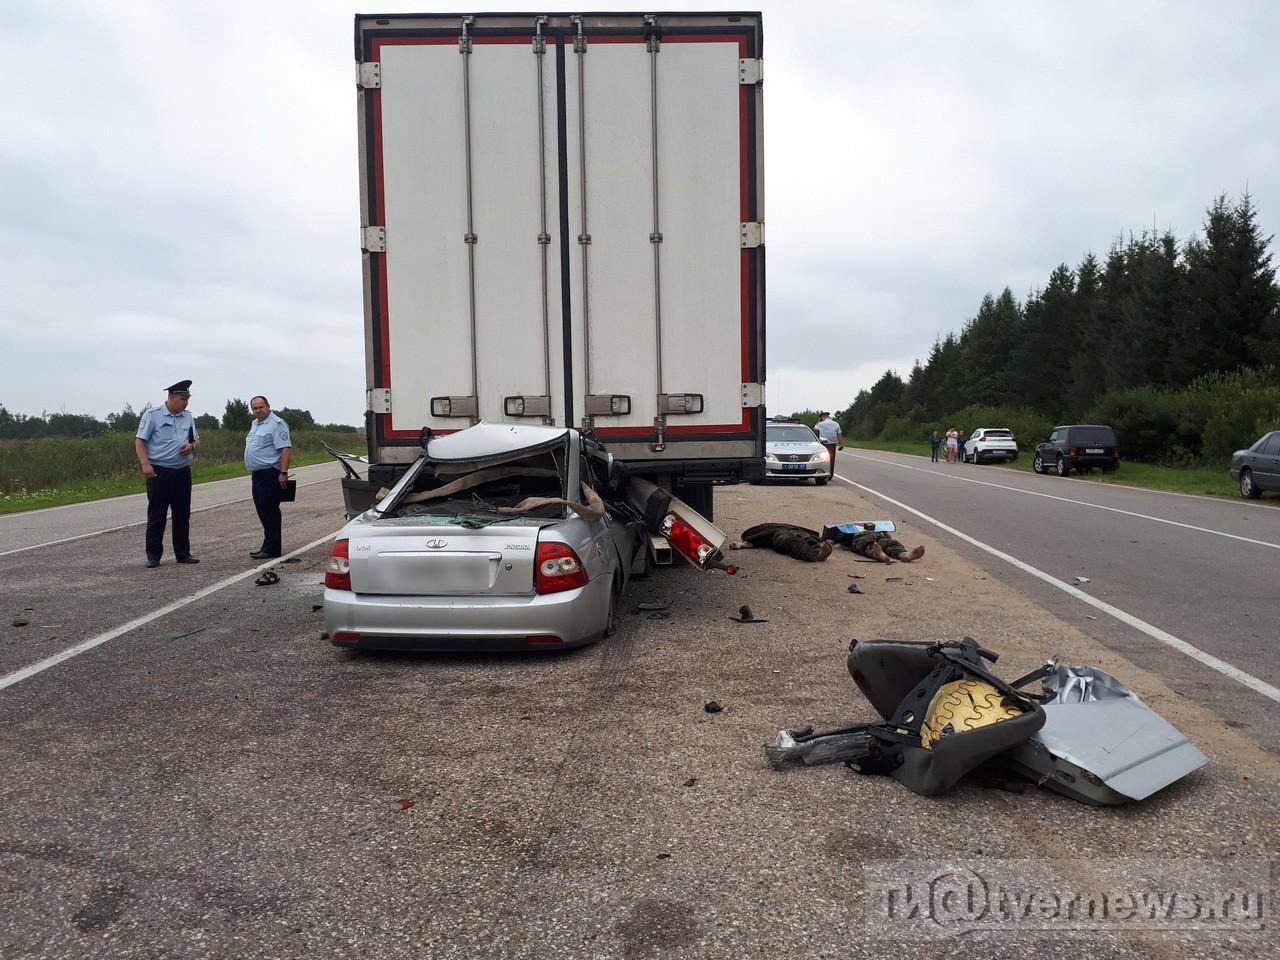 Если при дтп впереди стоящий водитель не остановился и вышел из машины